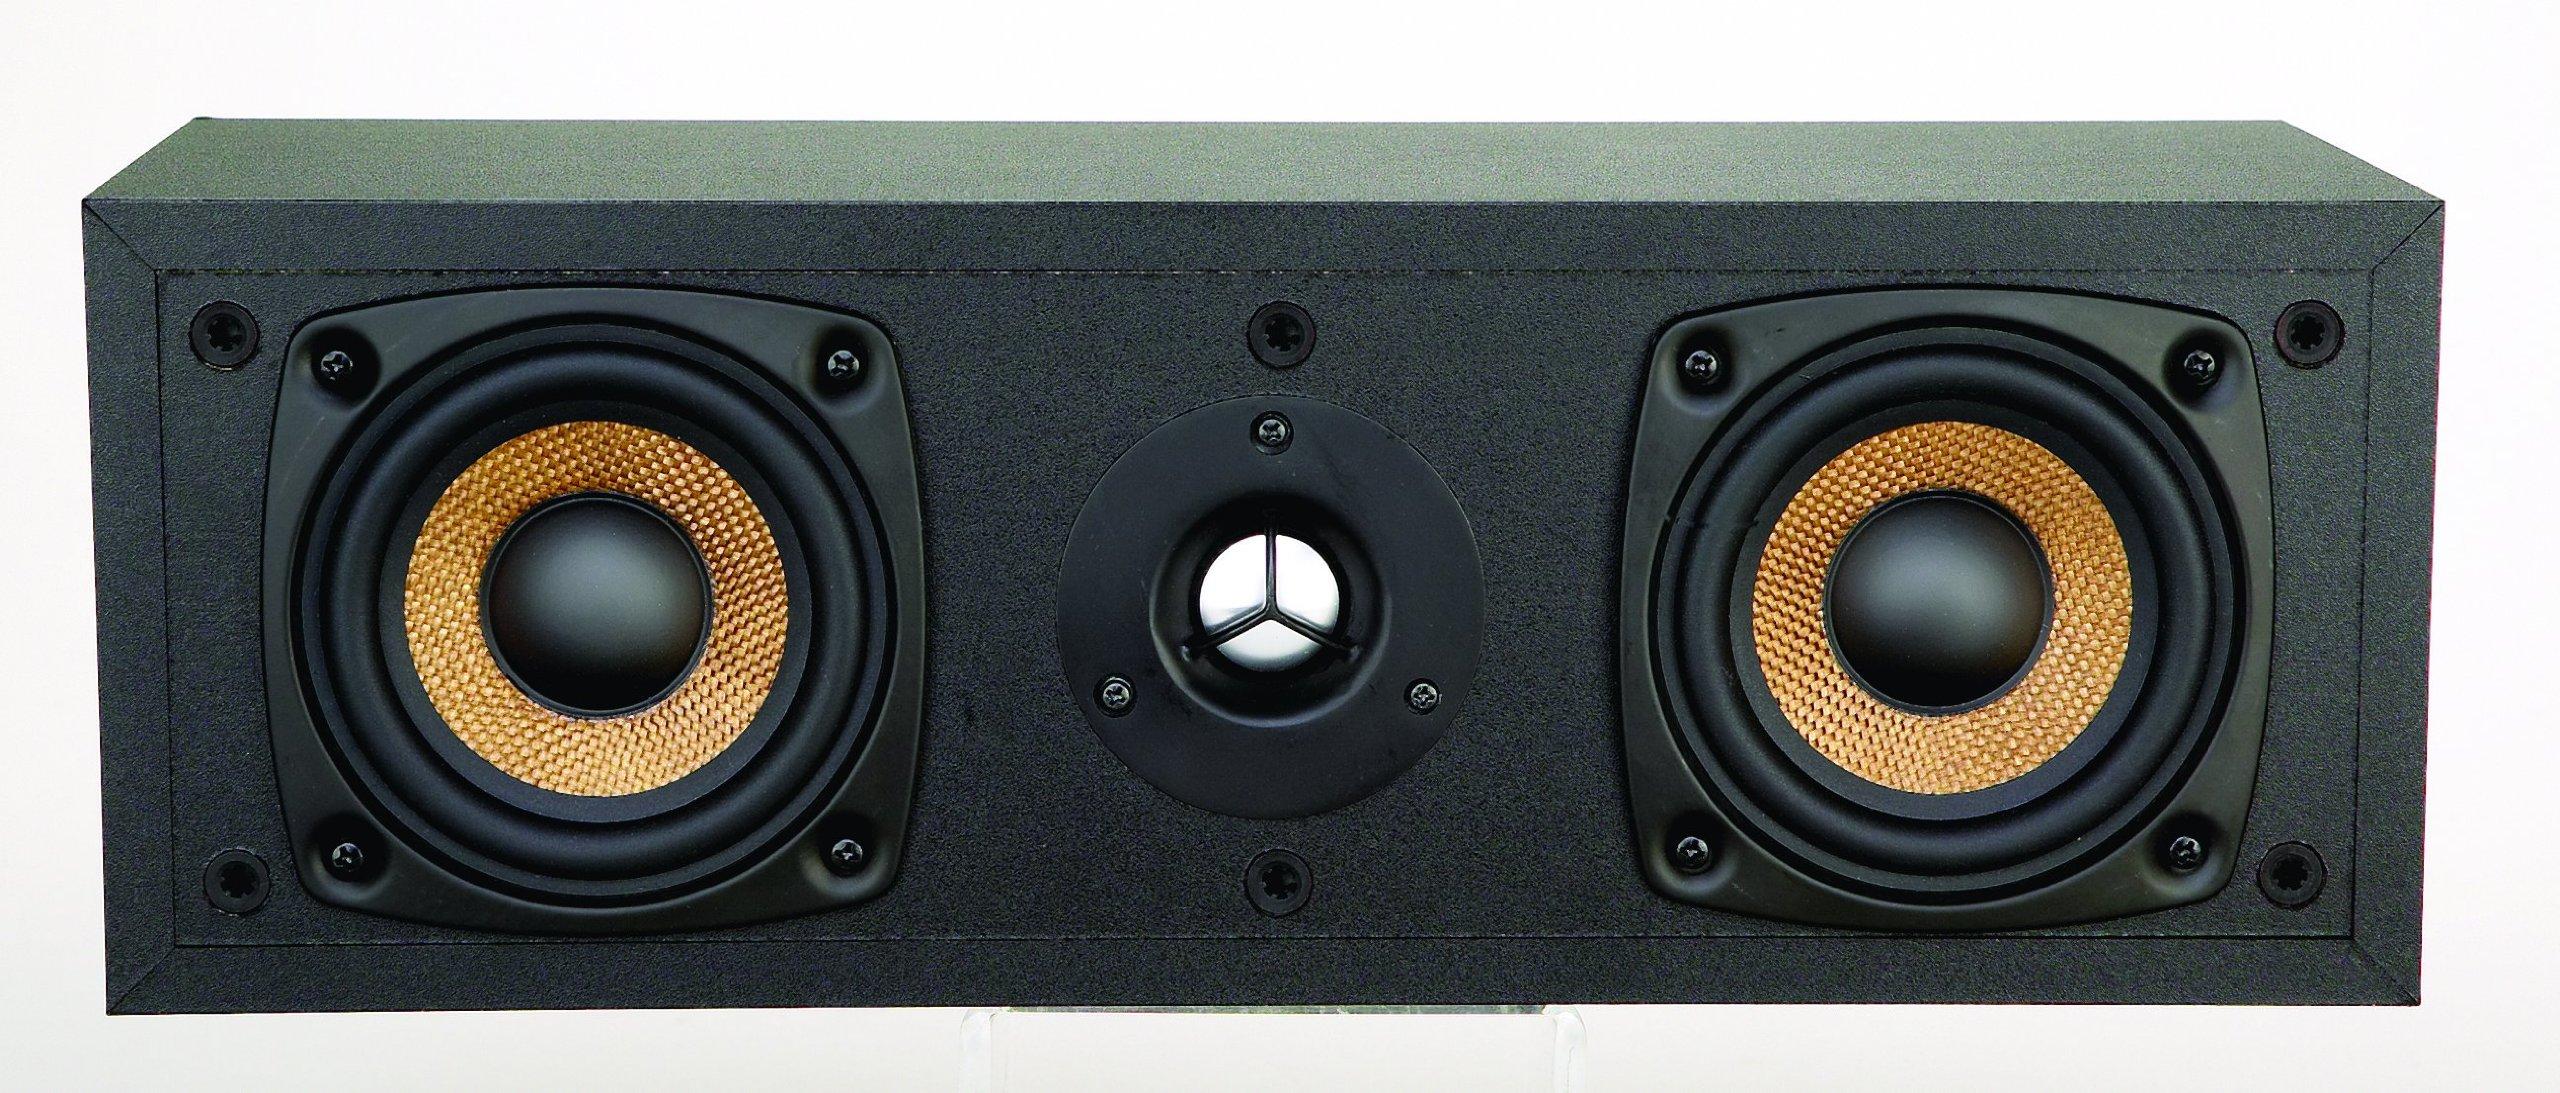 Legrand - On-Q HT7157 7000 Center Channel Speaker